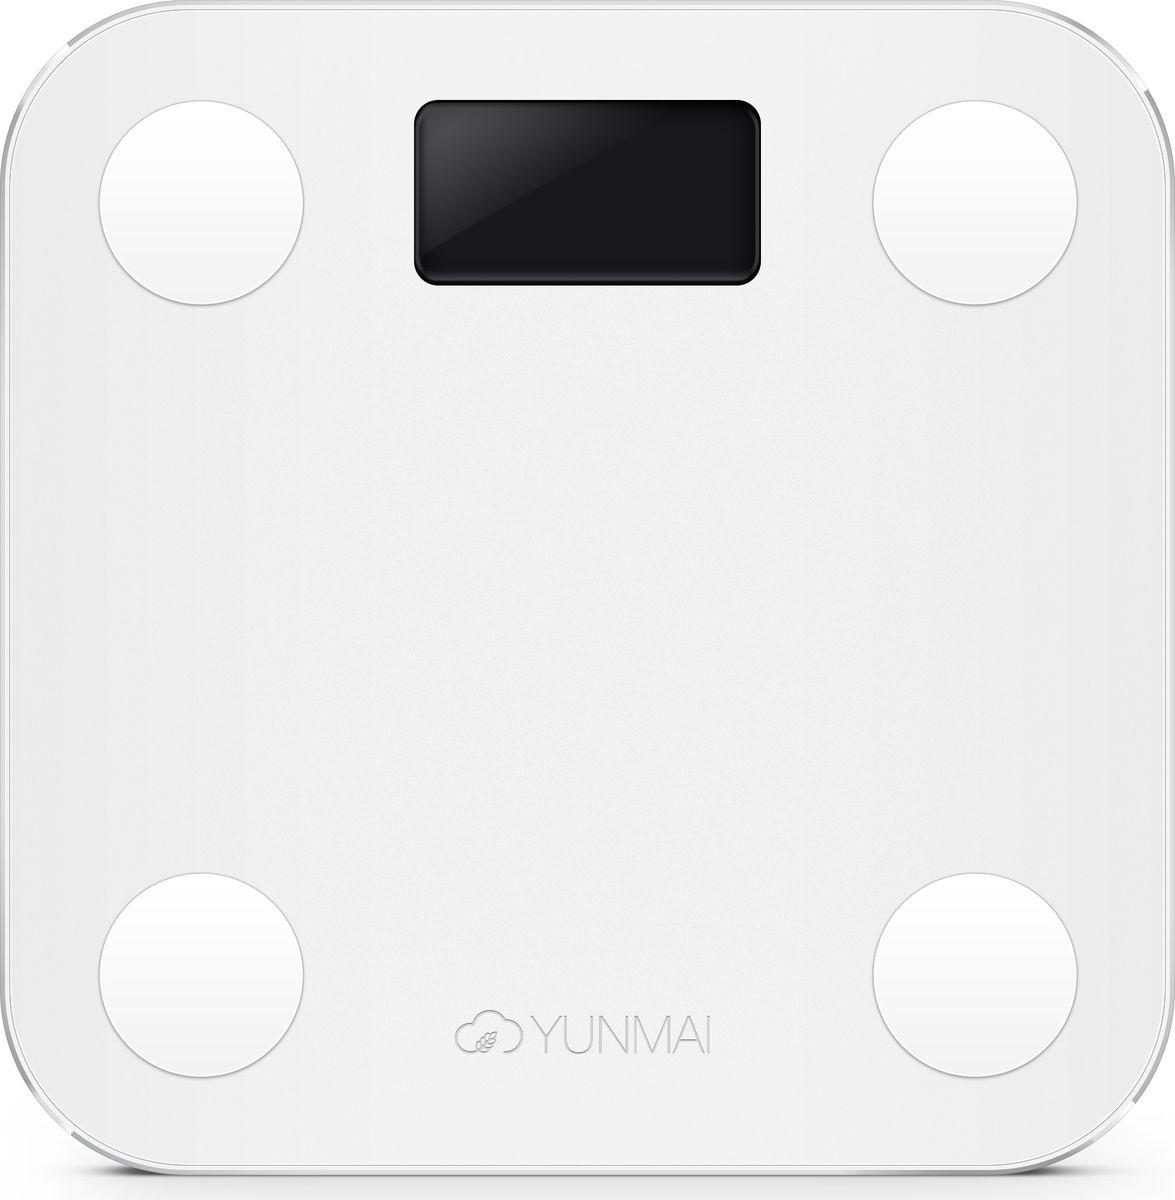 цена Yunmai Mini, White весы напольные онлайн в 2017 году